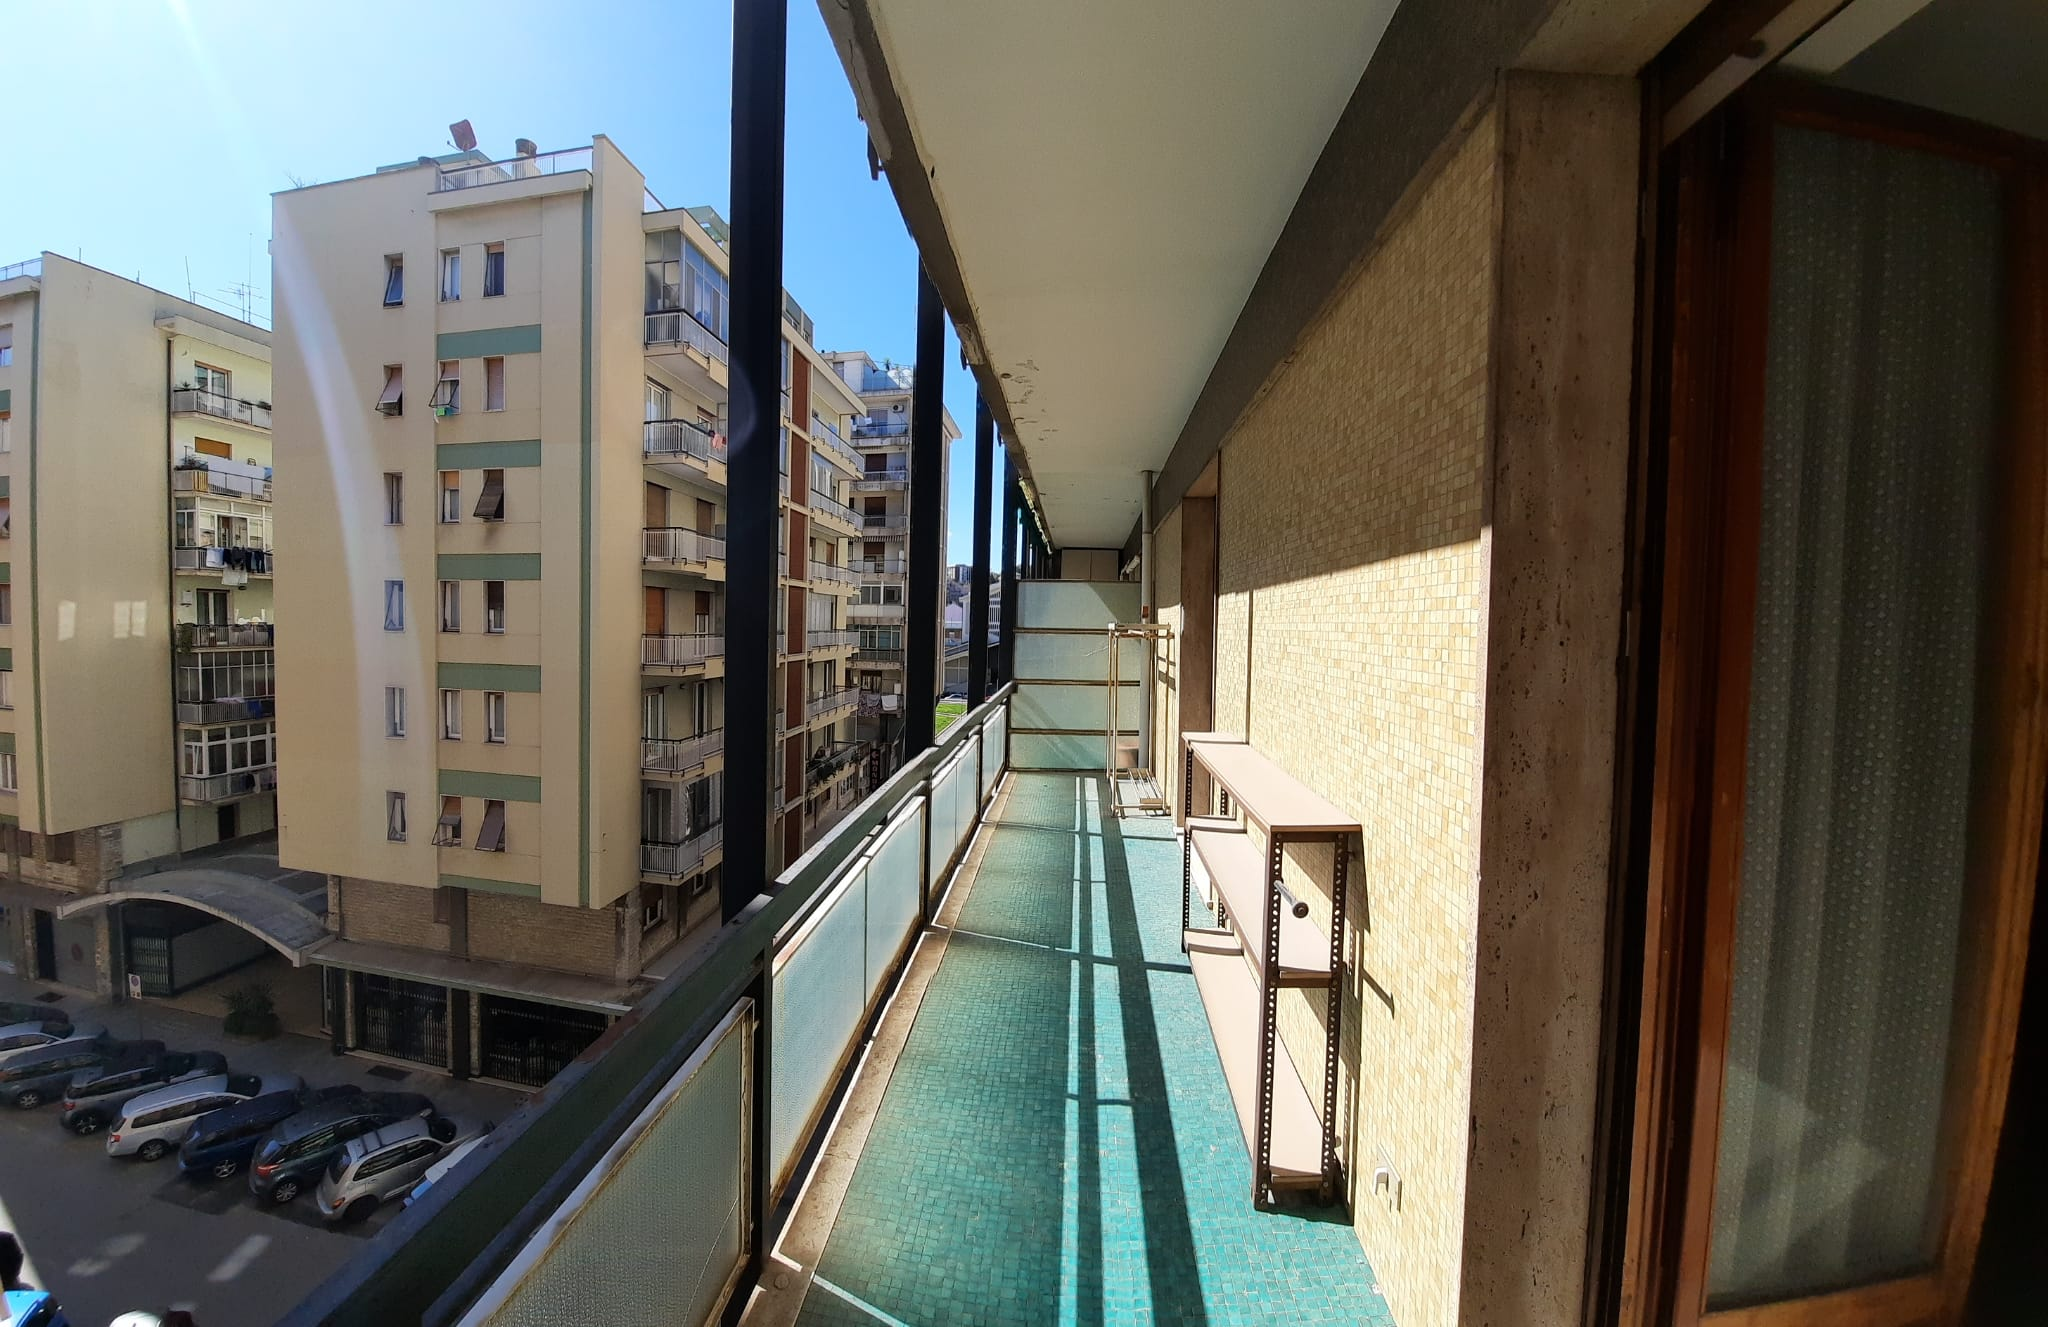 Rif. 29 Savona zona Piazza Martiri della Libertà